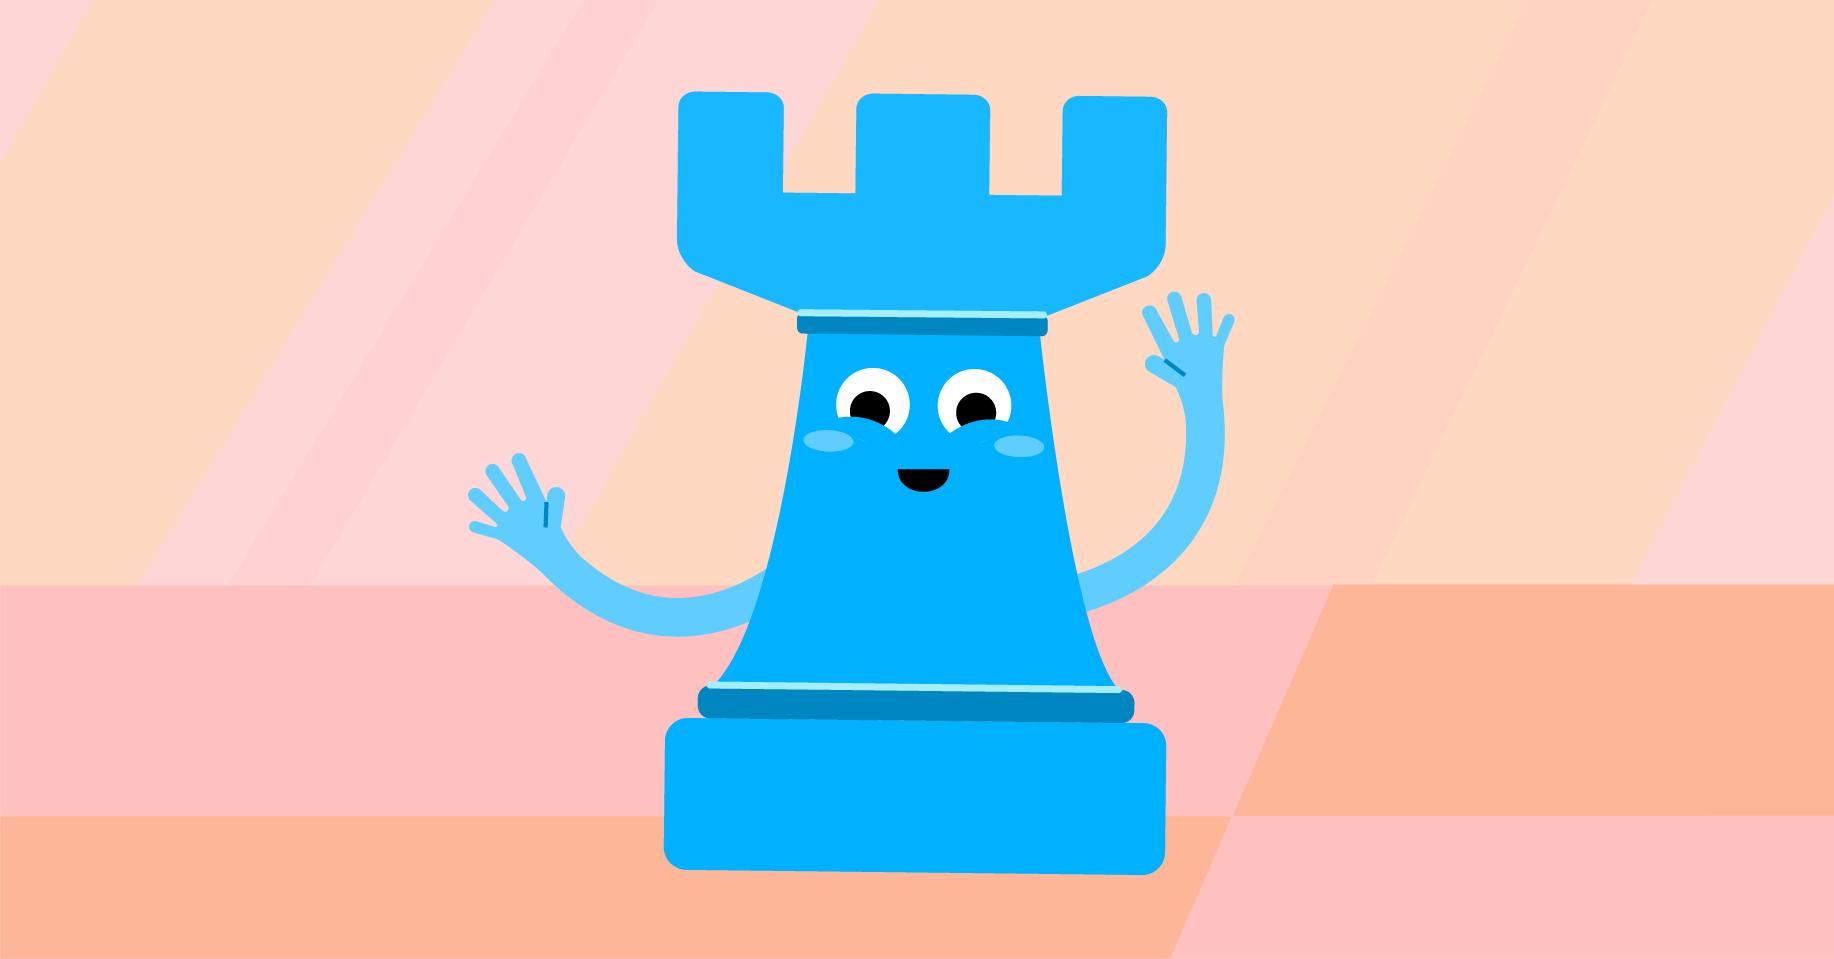 Ладья — шахматная фигура